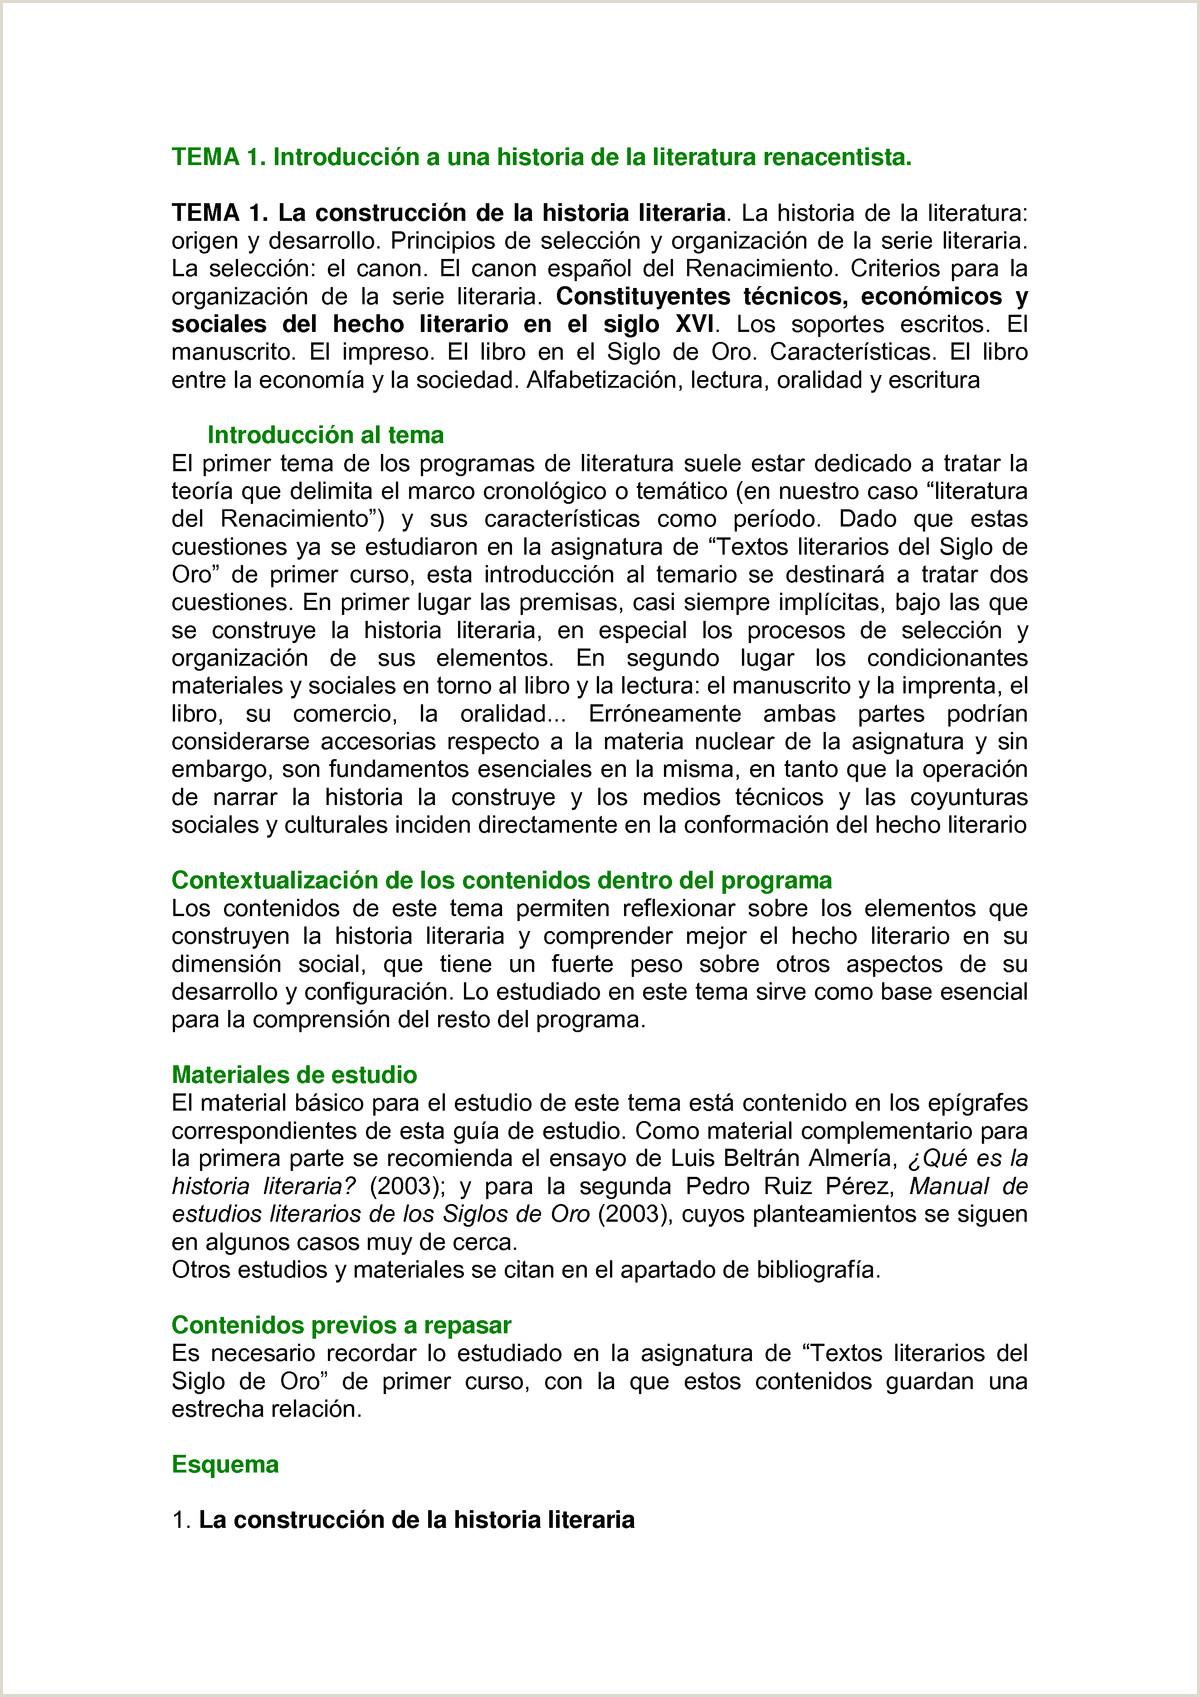 TEMA 1N Apuntes 1 Literatura Espa±ola del Renacimiento